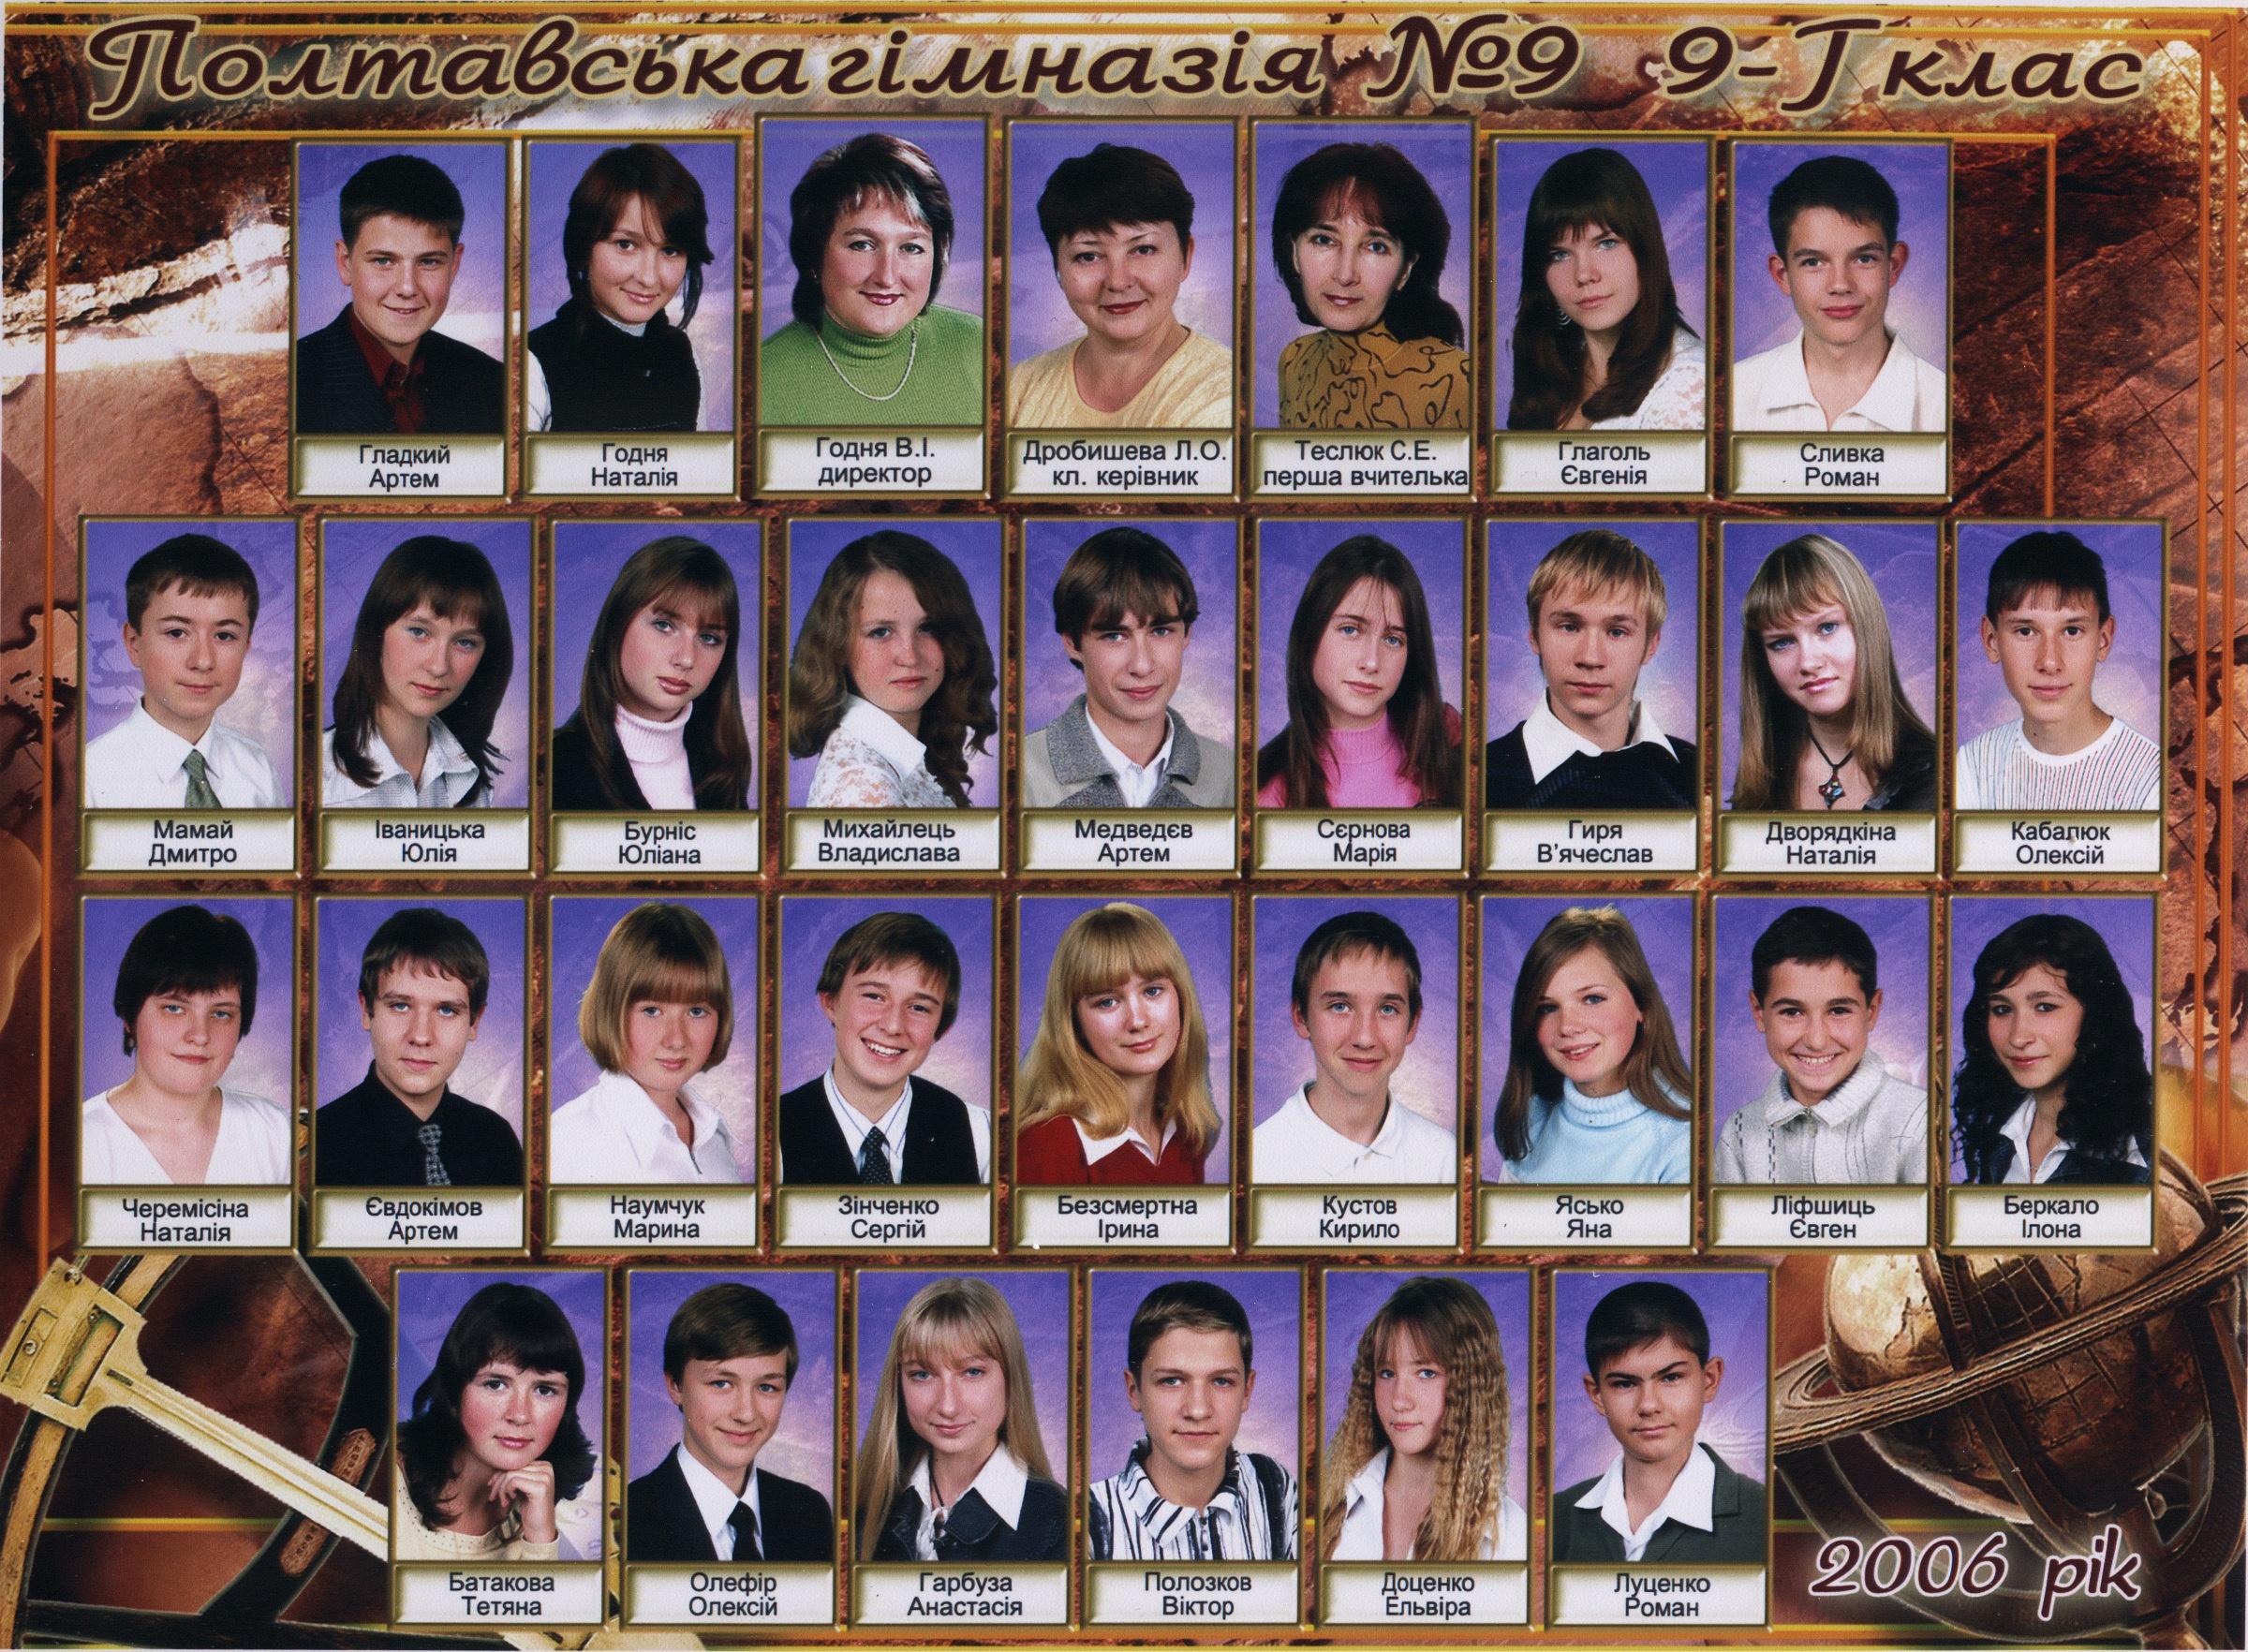 Полтавська гімназія 9 Випуск 2006 9-Г Дробишева Людмила Олександрівна